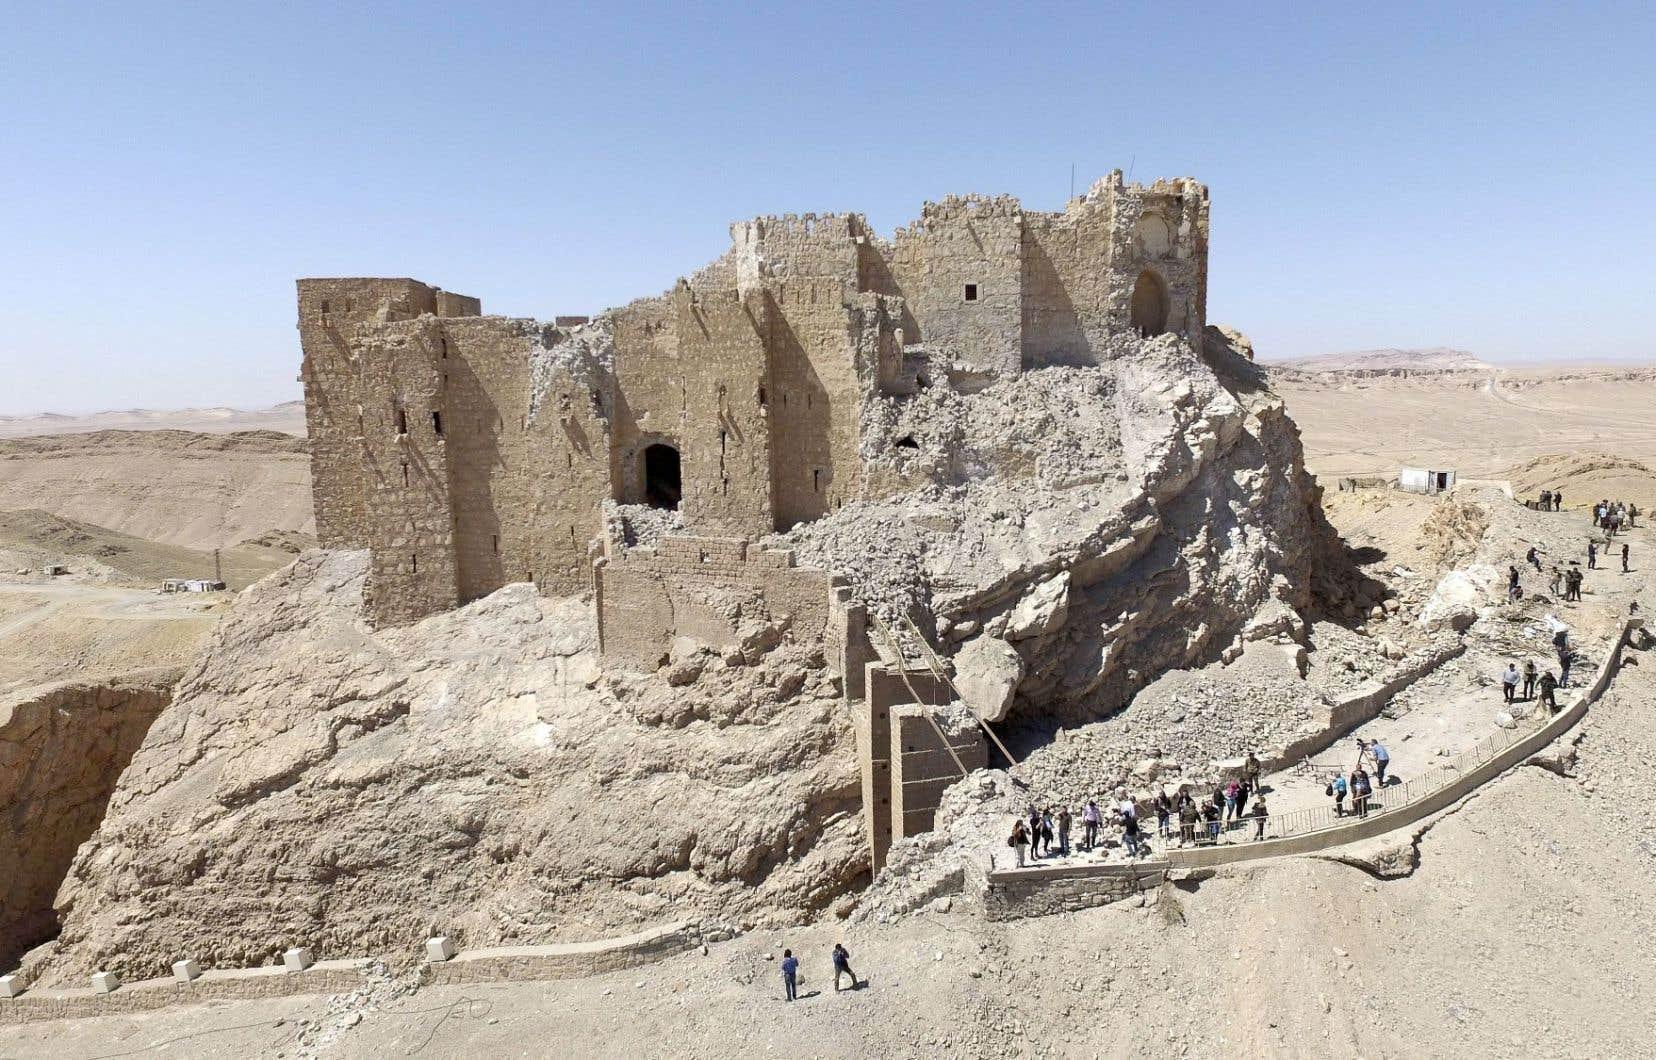 L'antique citadelle de Palmyre, partiellement détruite par le groupe terroriste État islamique.